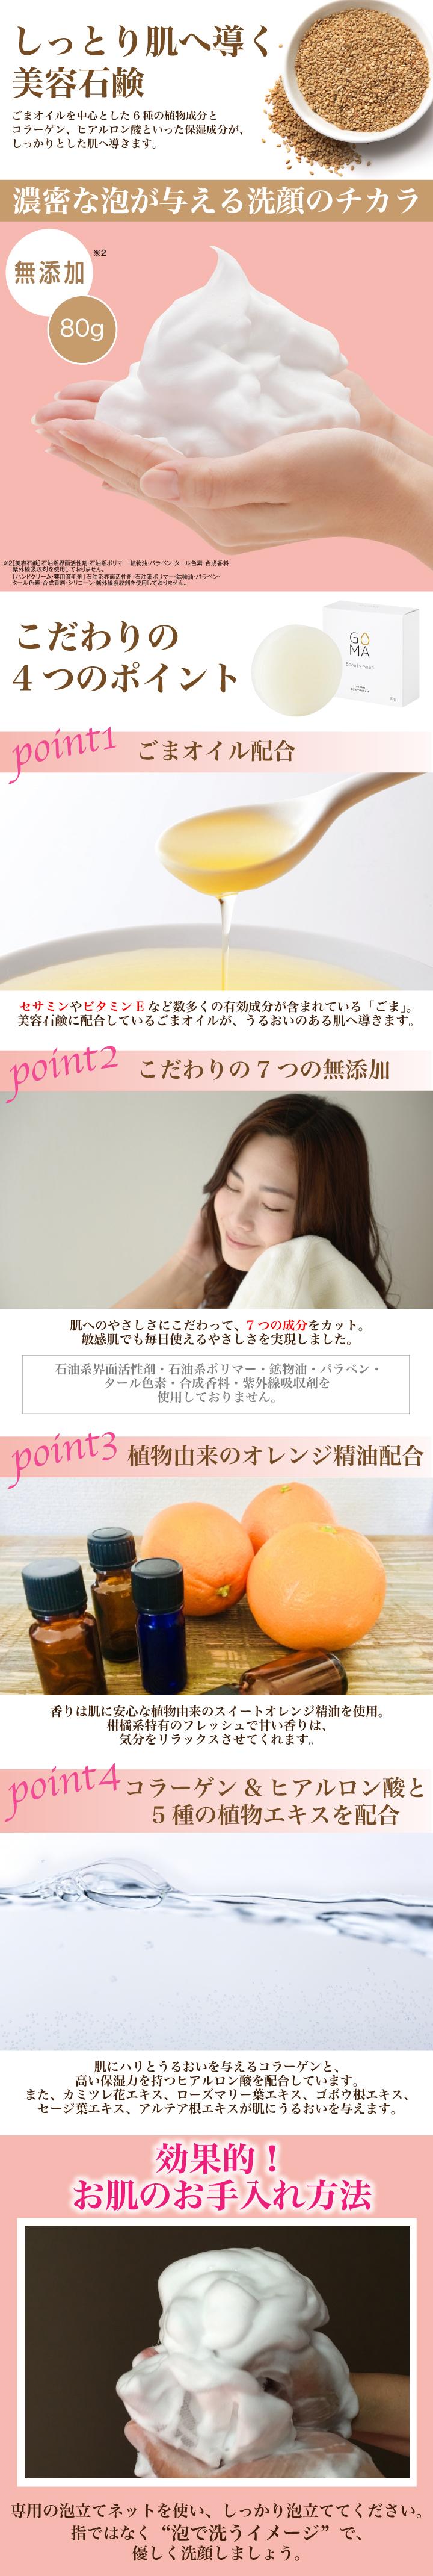 美容石鹸1